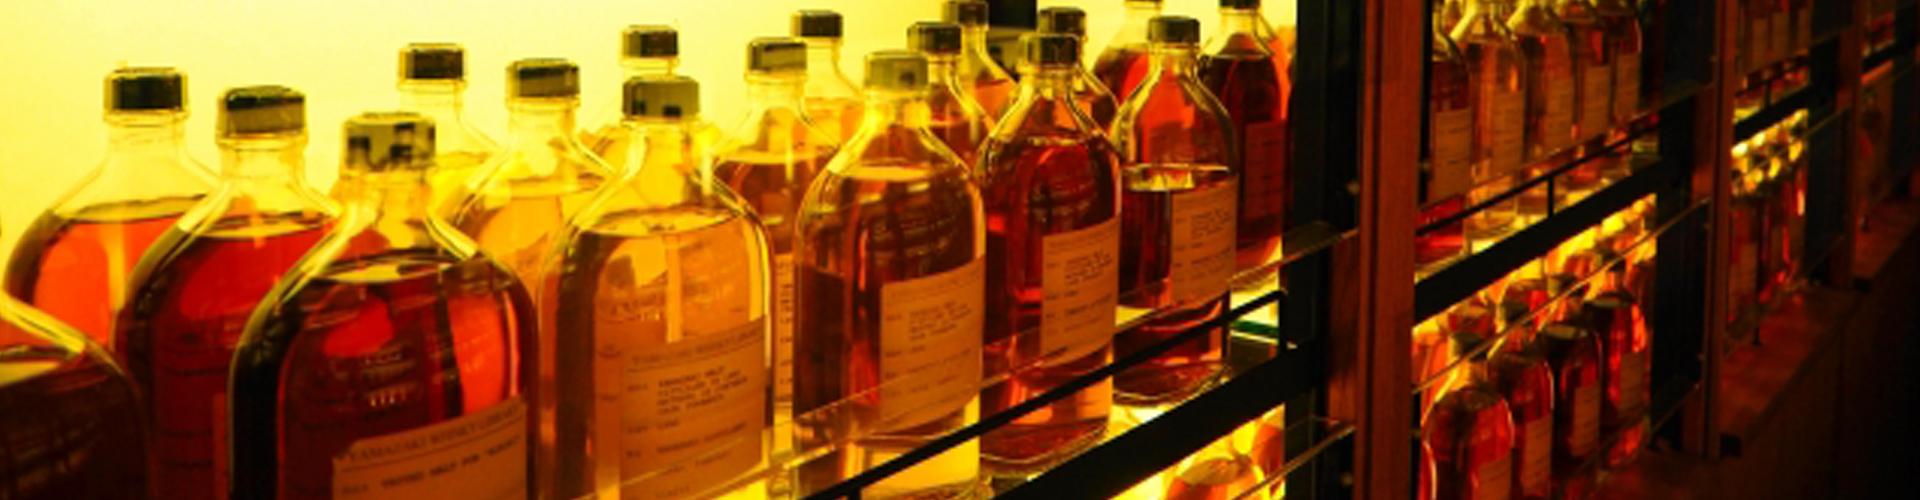 ウイスキーのコレクション